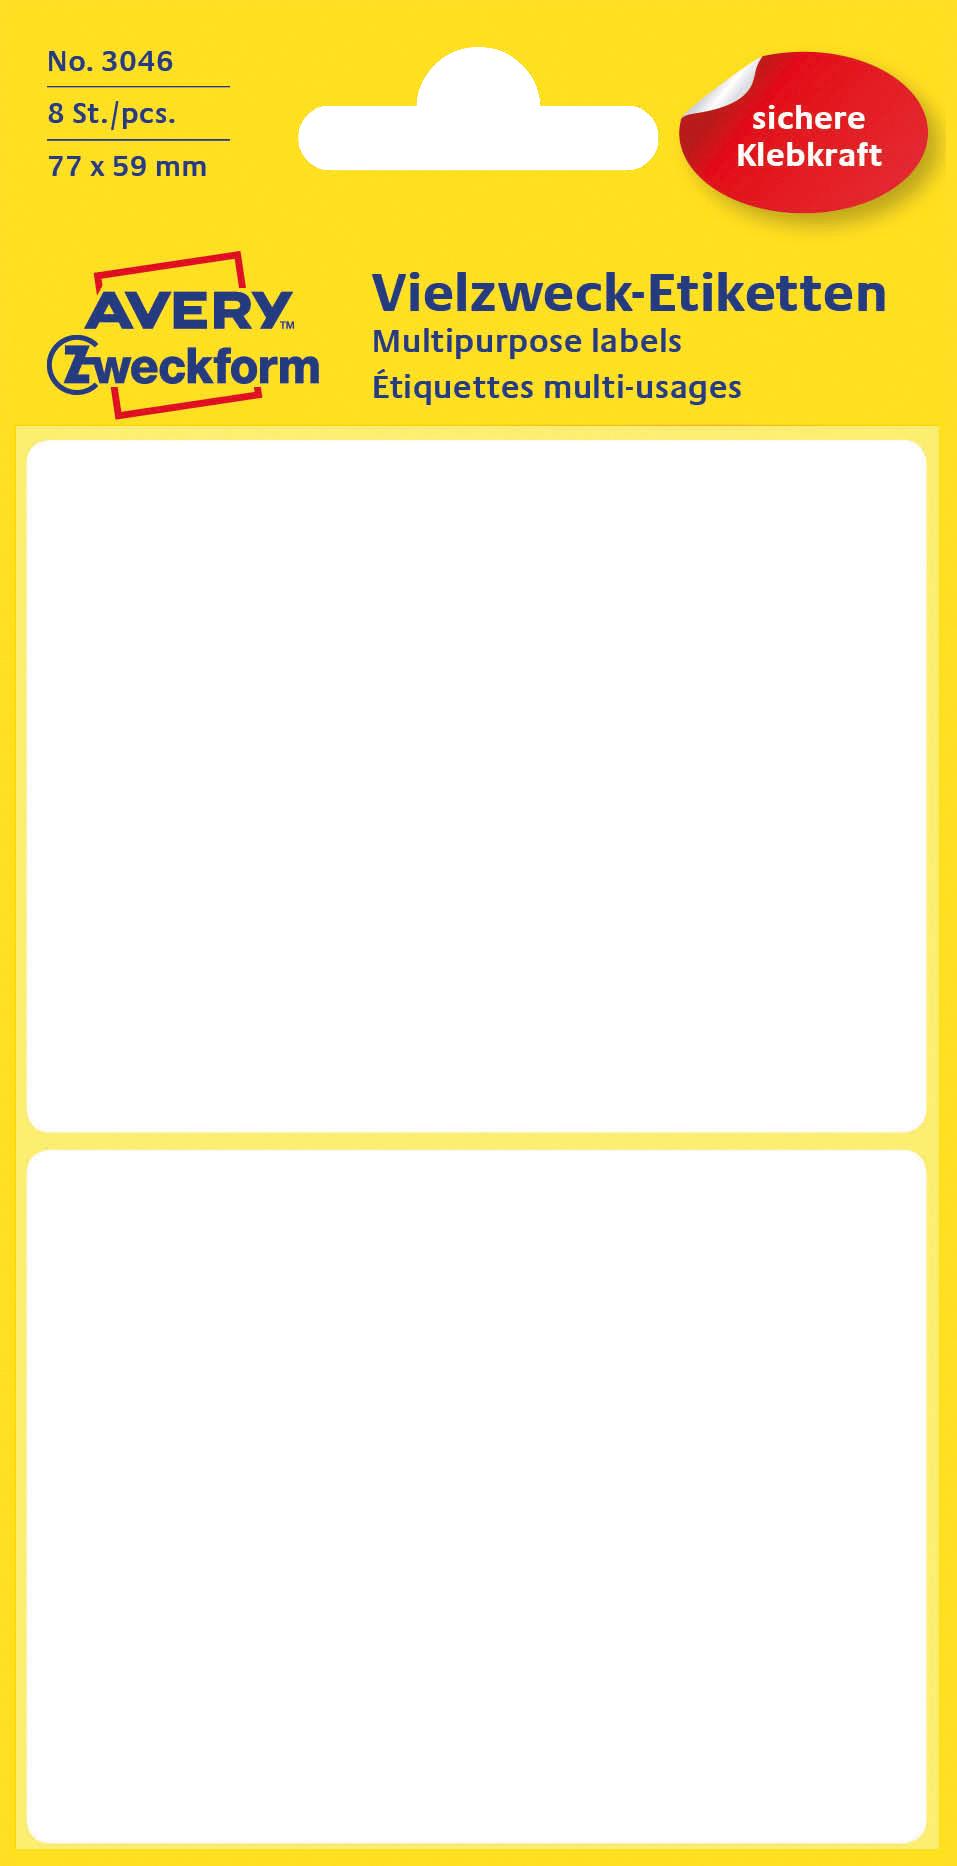 Avery 3046 Etiketter for håndskrift 77x59 (8)